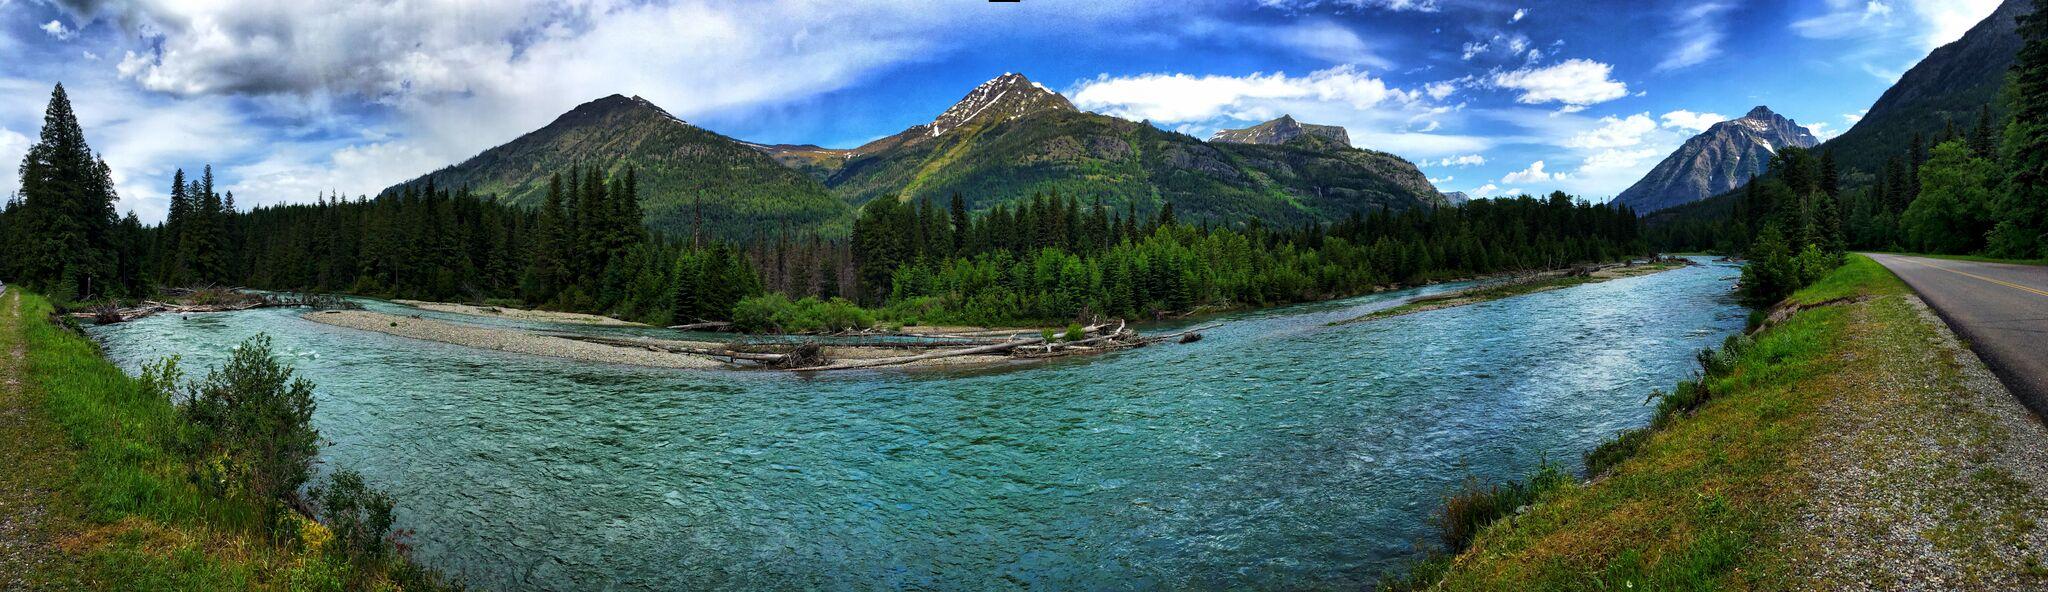 06 Montana 8.jpg